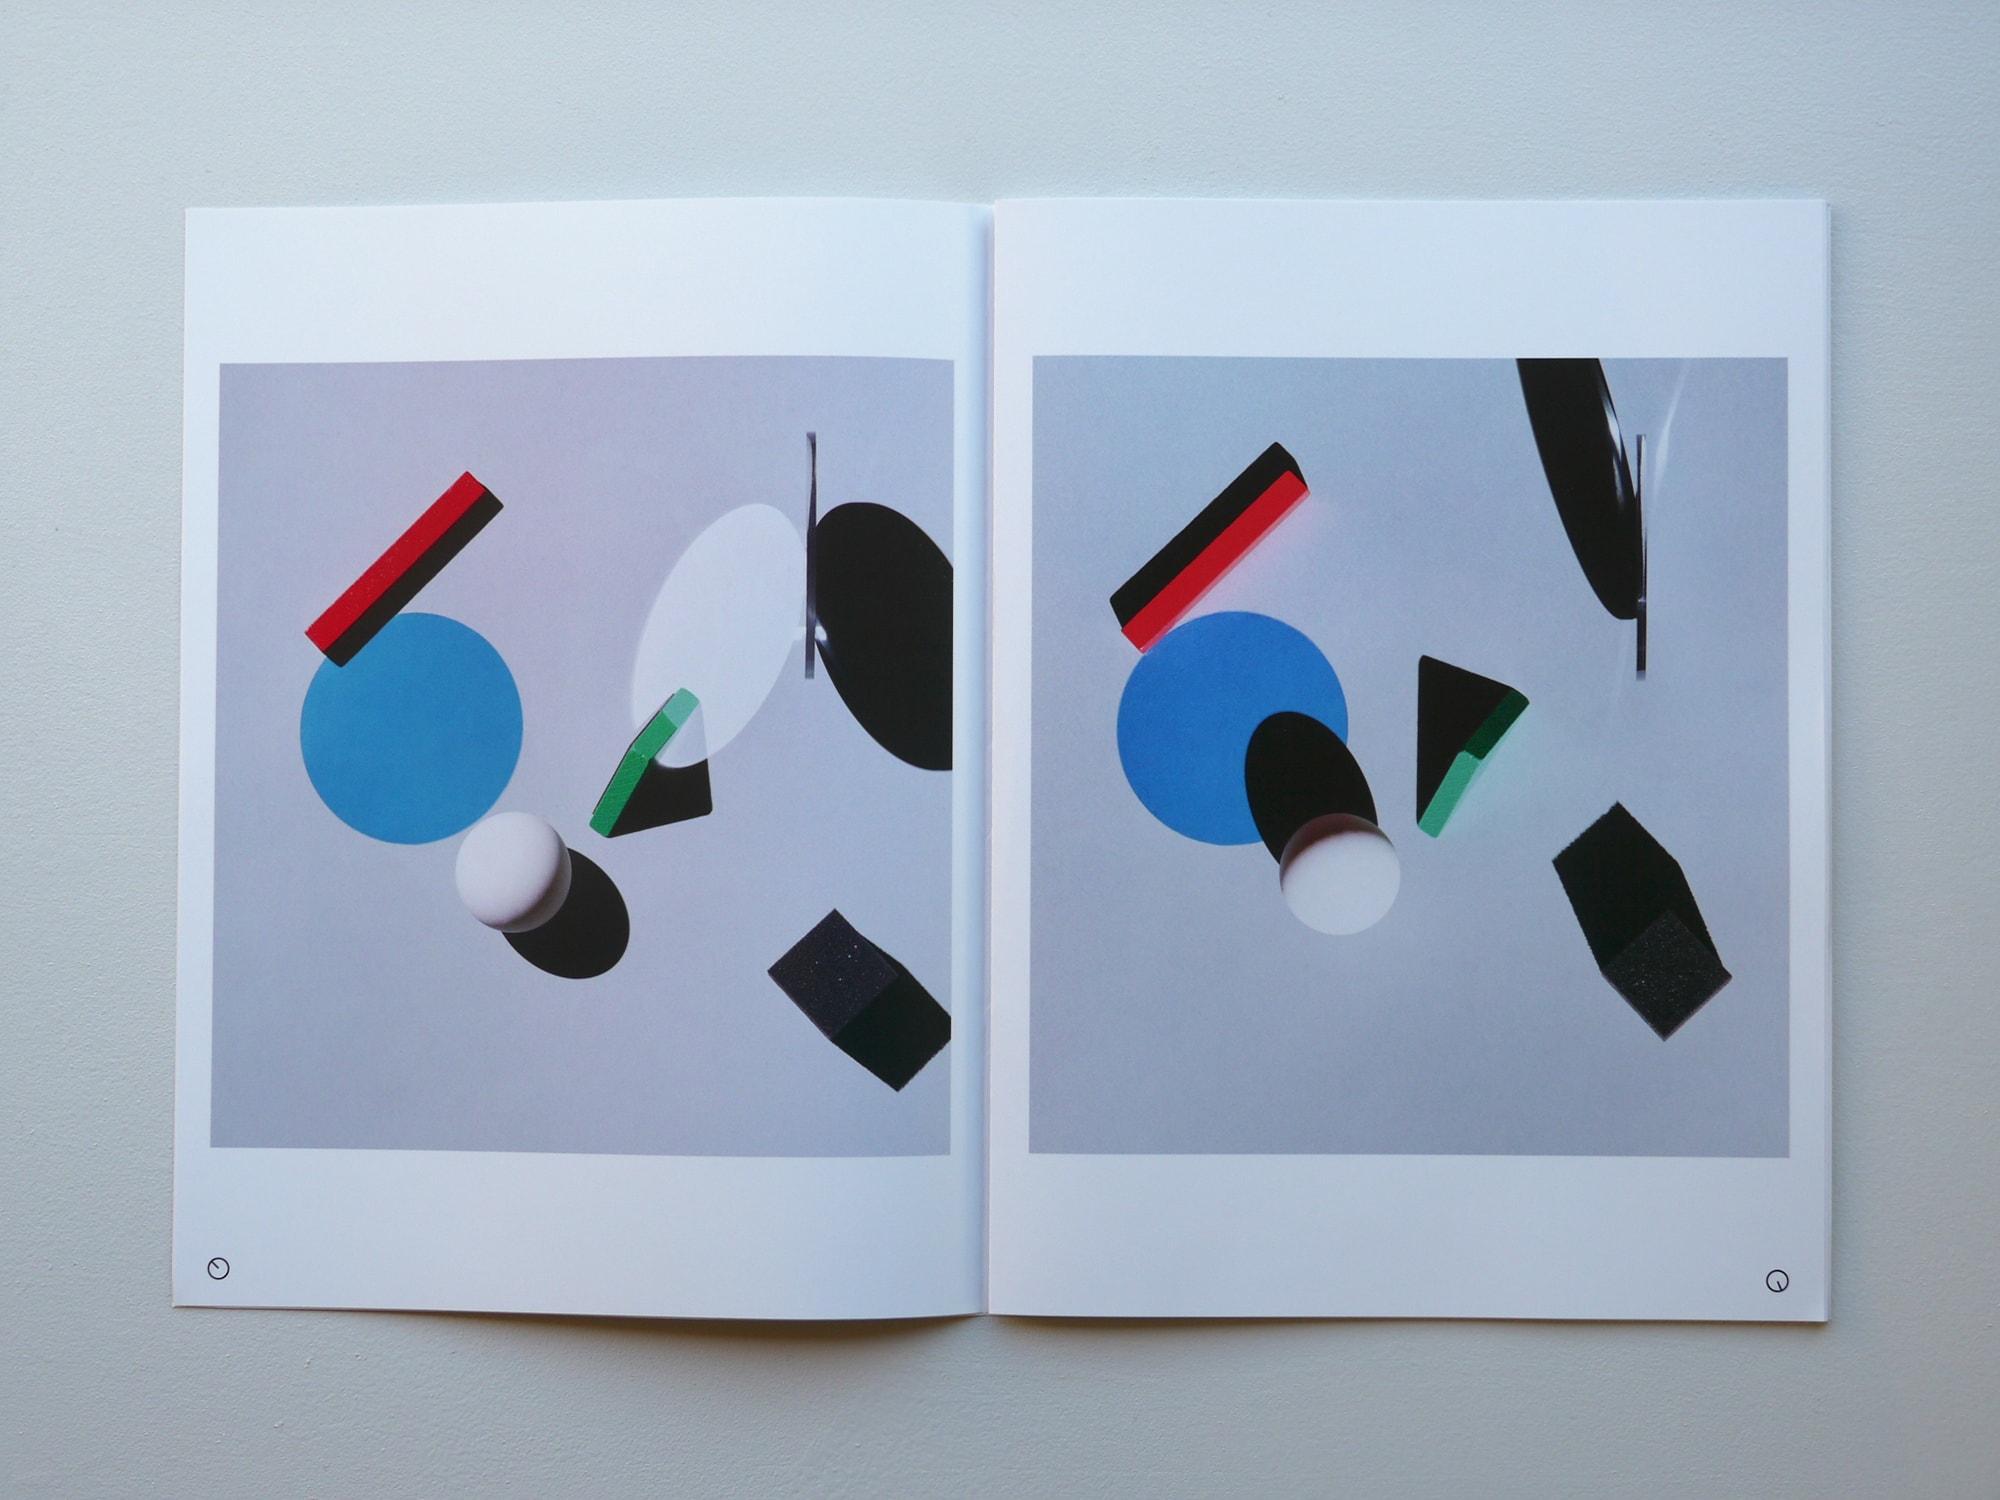 書店員がピックアップする11月のおすすめ写真集【UTRECHT編】 | 田部井美奈『光と図形』